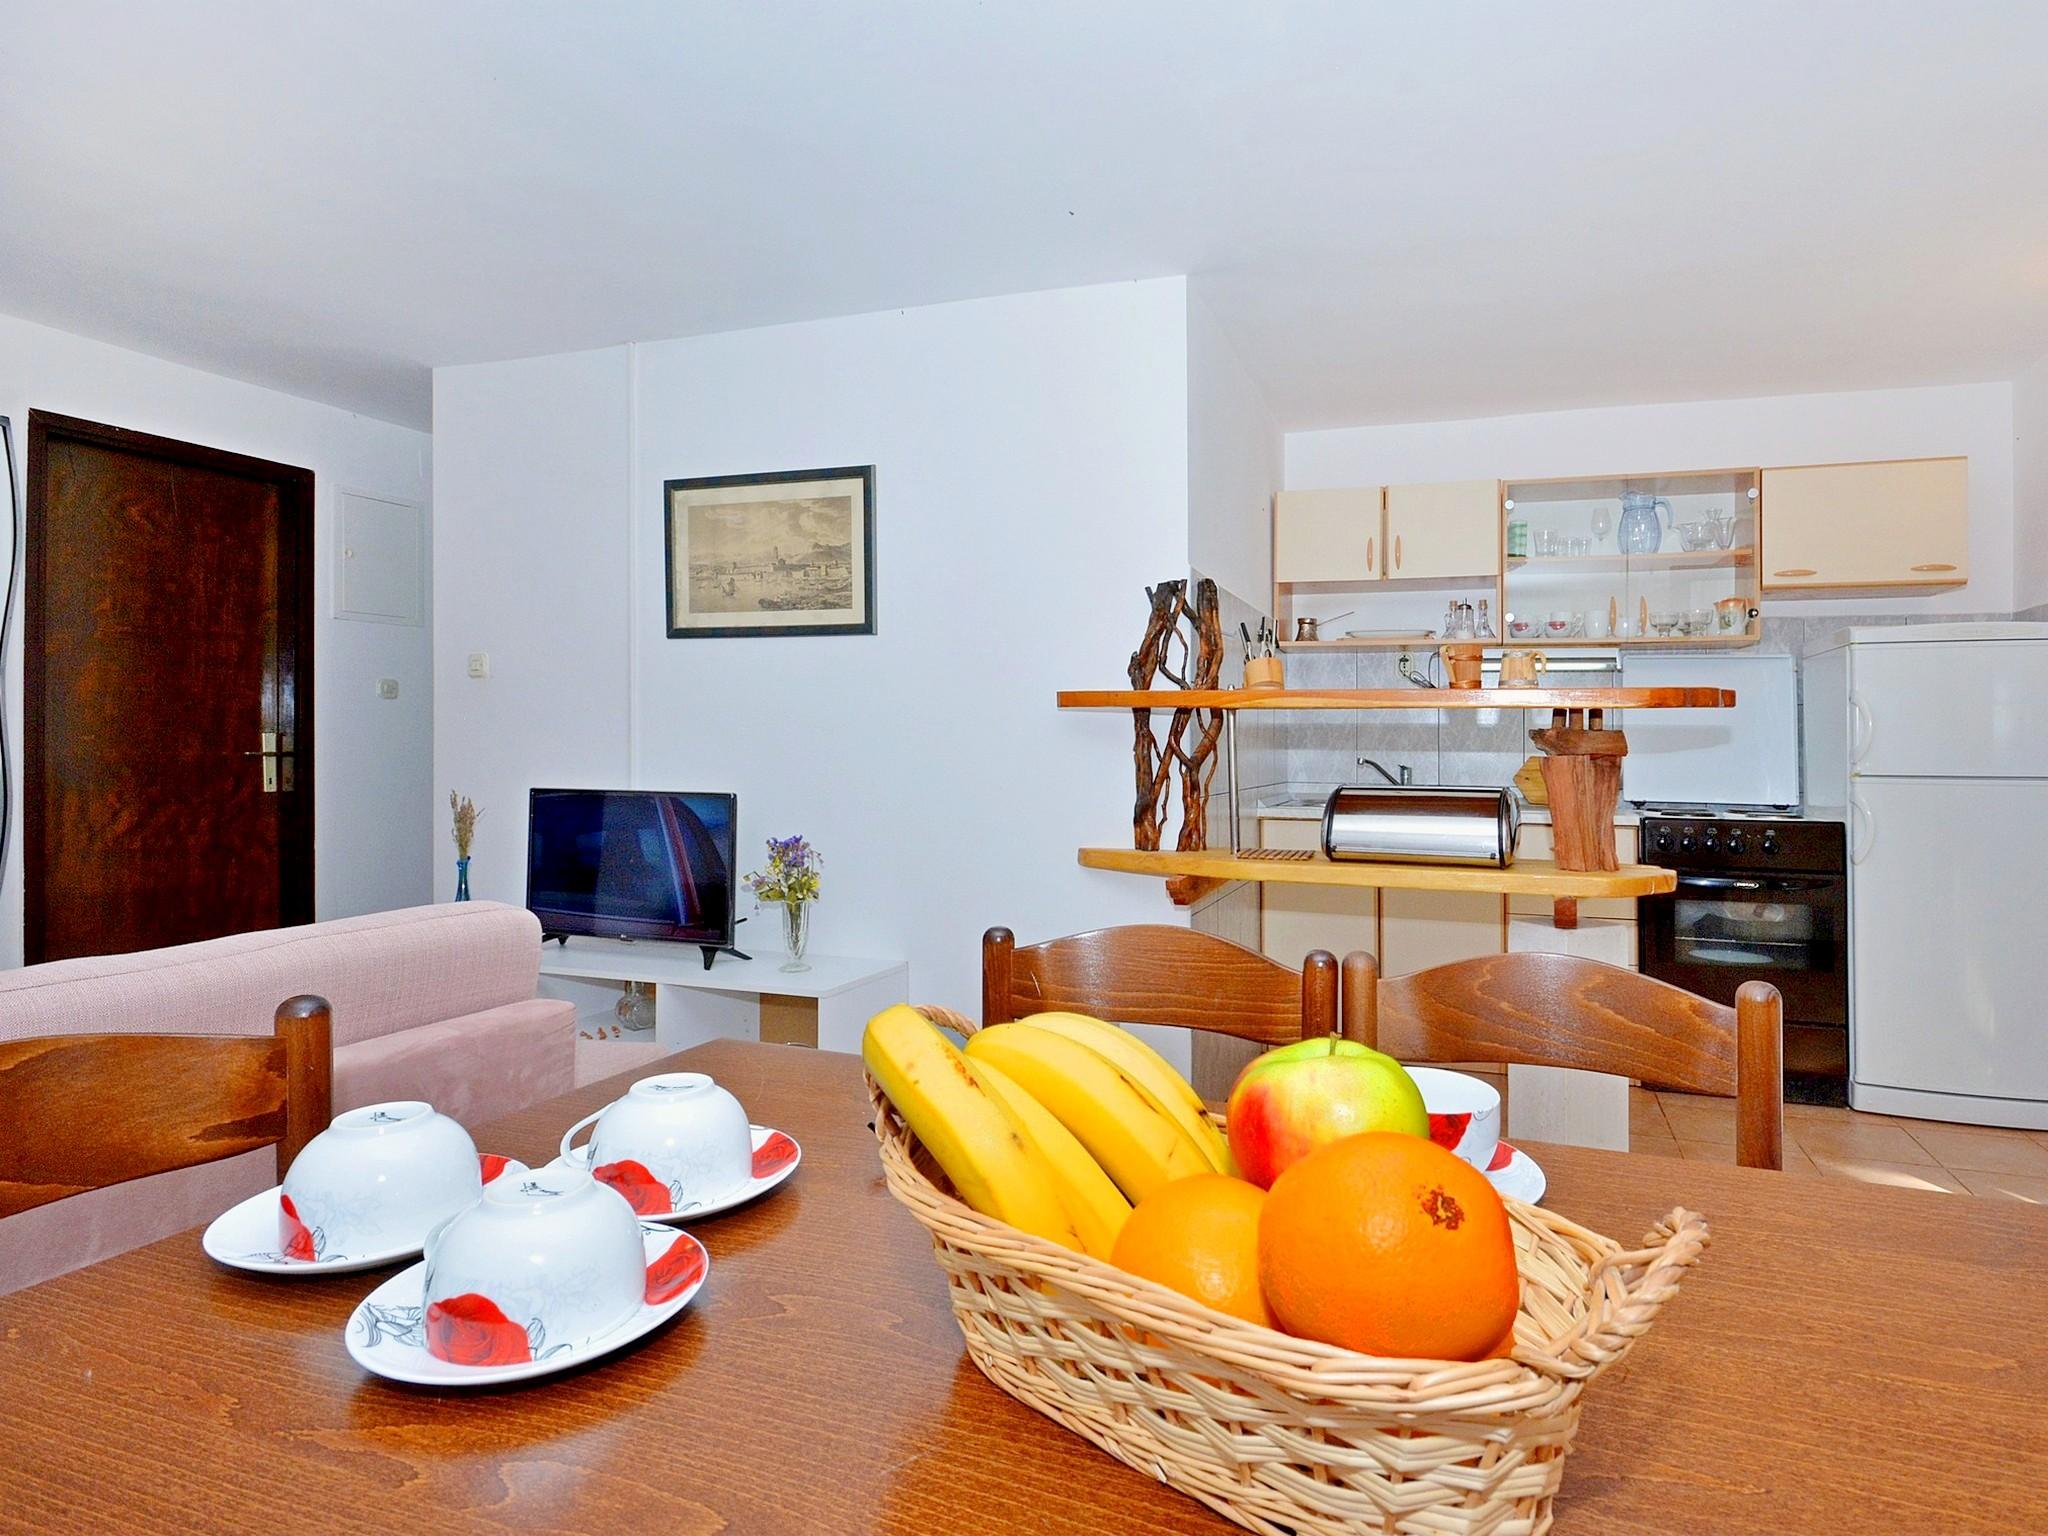 Ferienwohnung Ferienwohnungen Duaan, Apartman A4 (942266), Vrbanj, Insel Hvar, Dalmatien, Kroatien, Bild 17